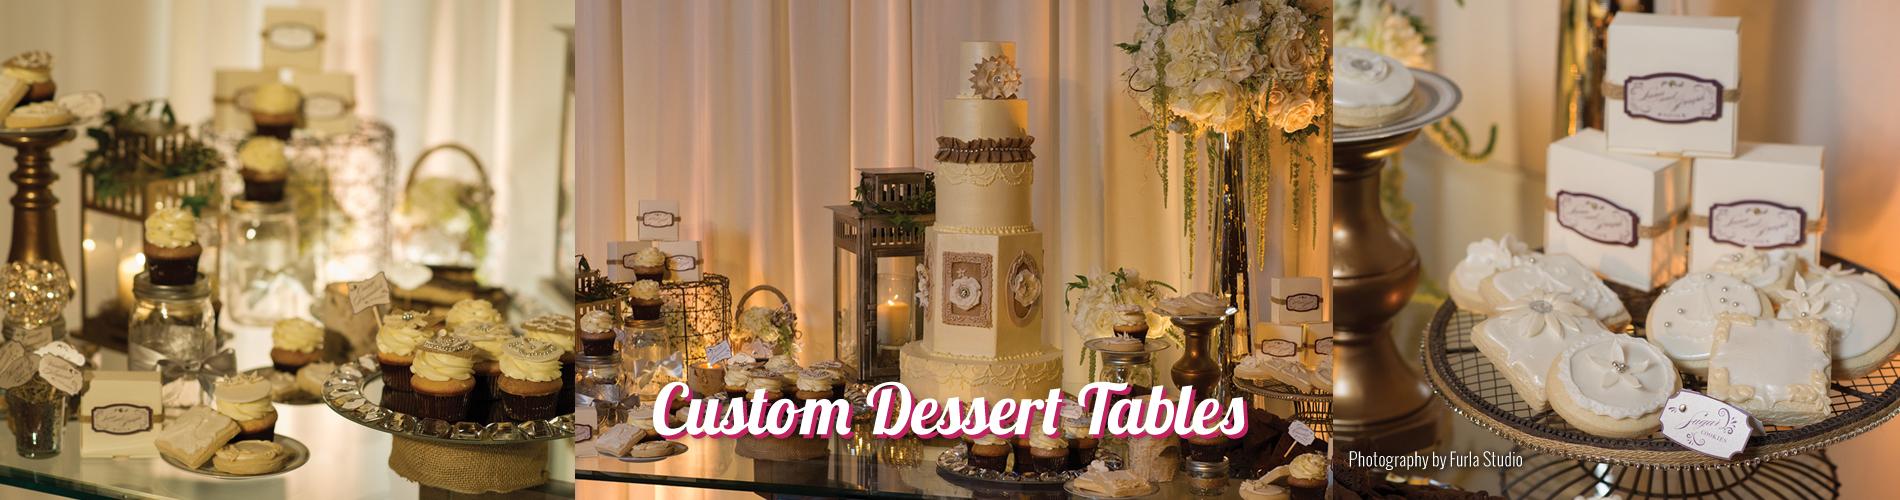 DessertTables-SweetPeaSlider-0116-2